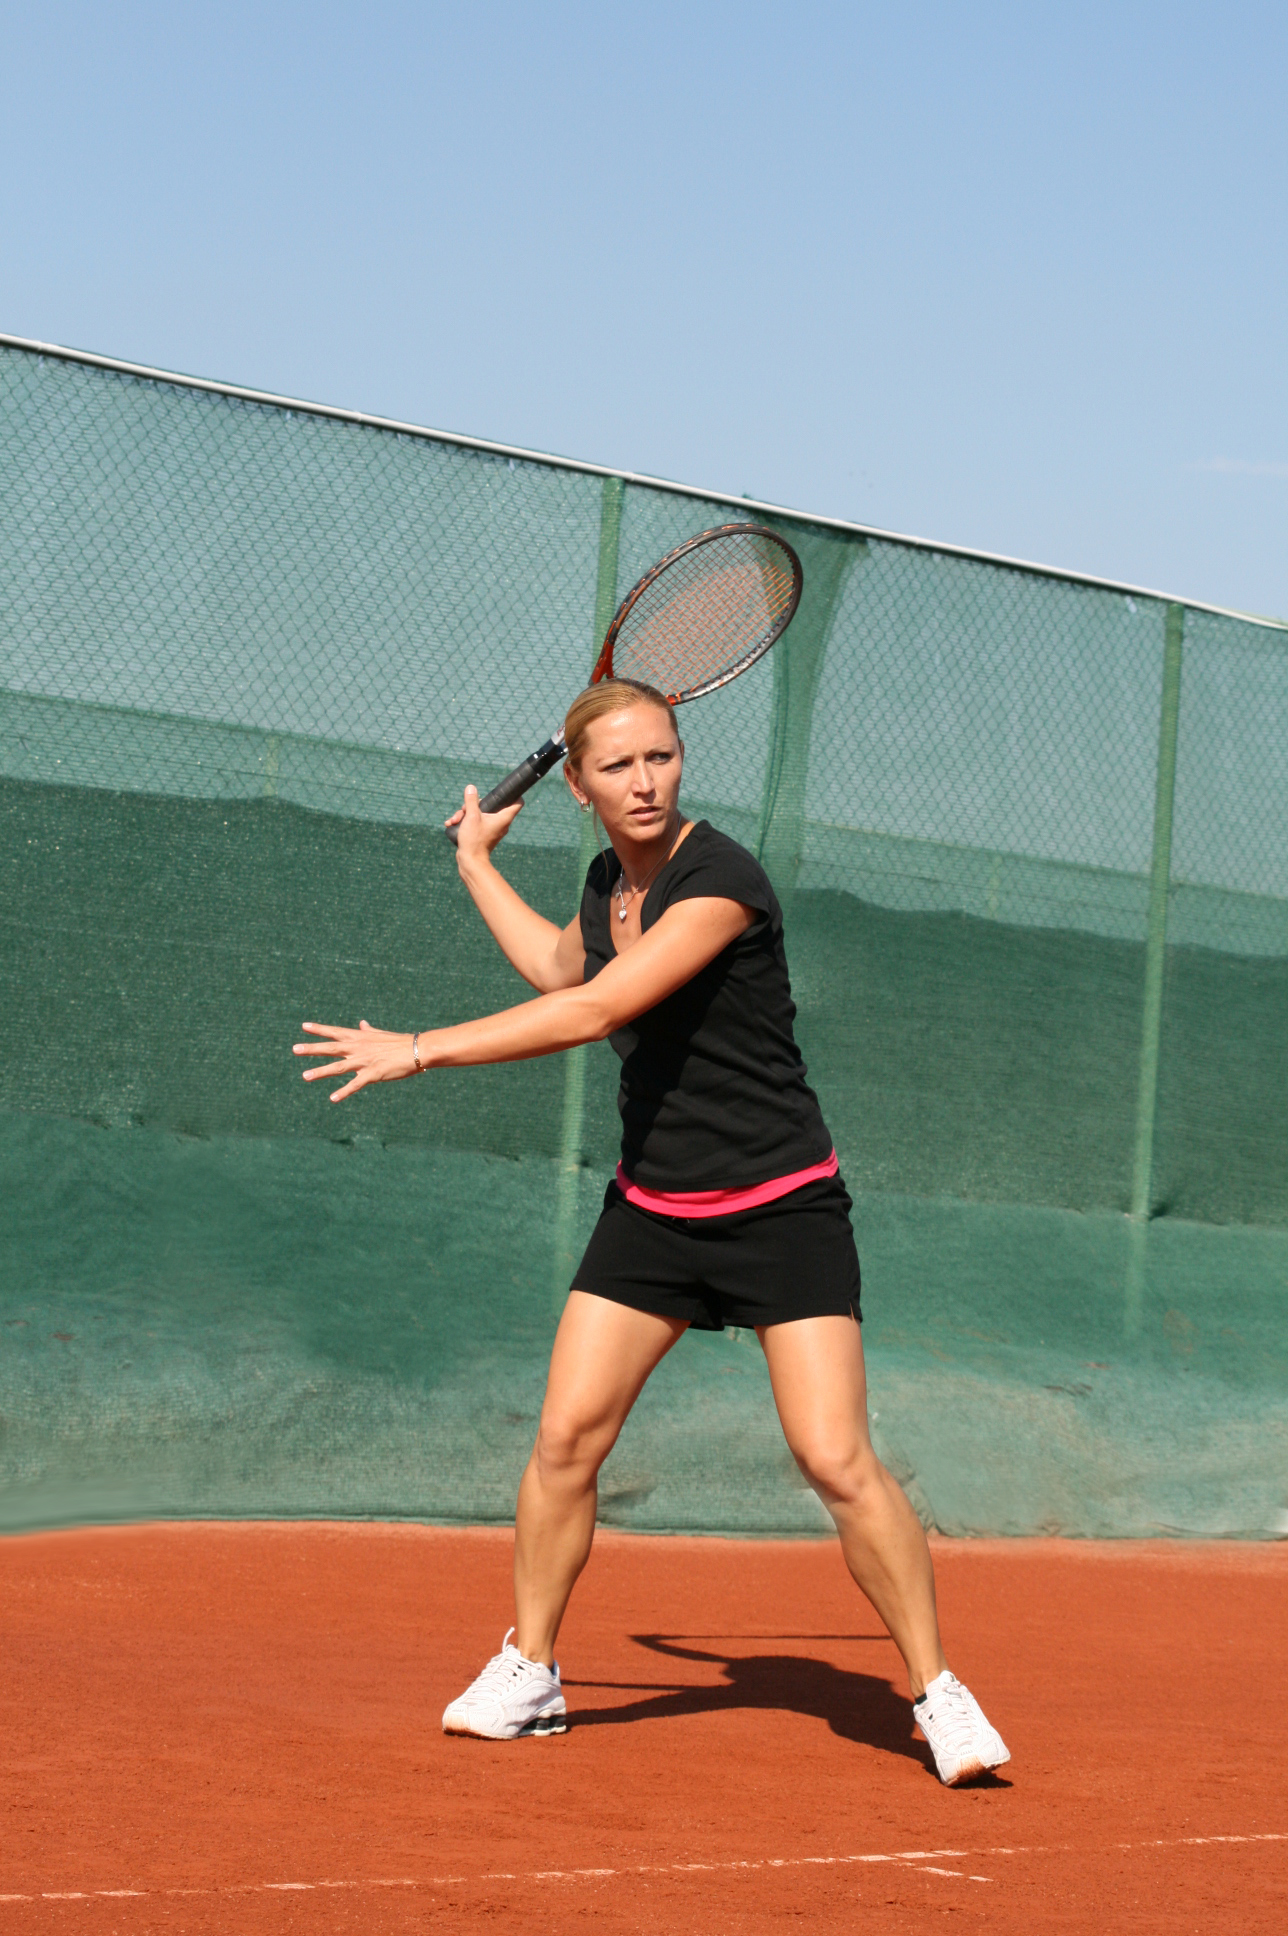 Moda na korcie – o ubiorze tenisistów